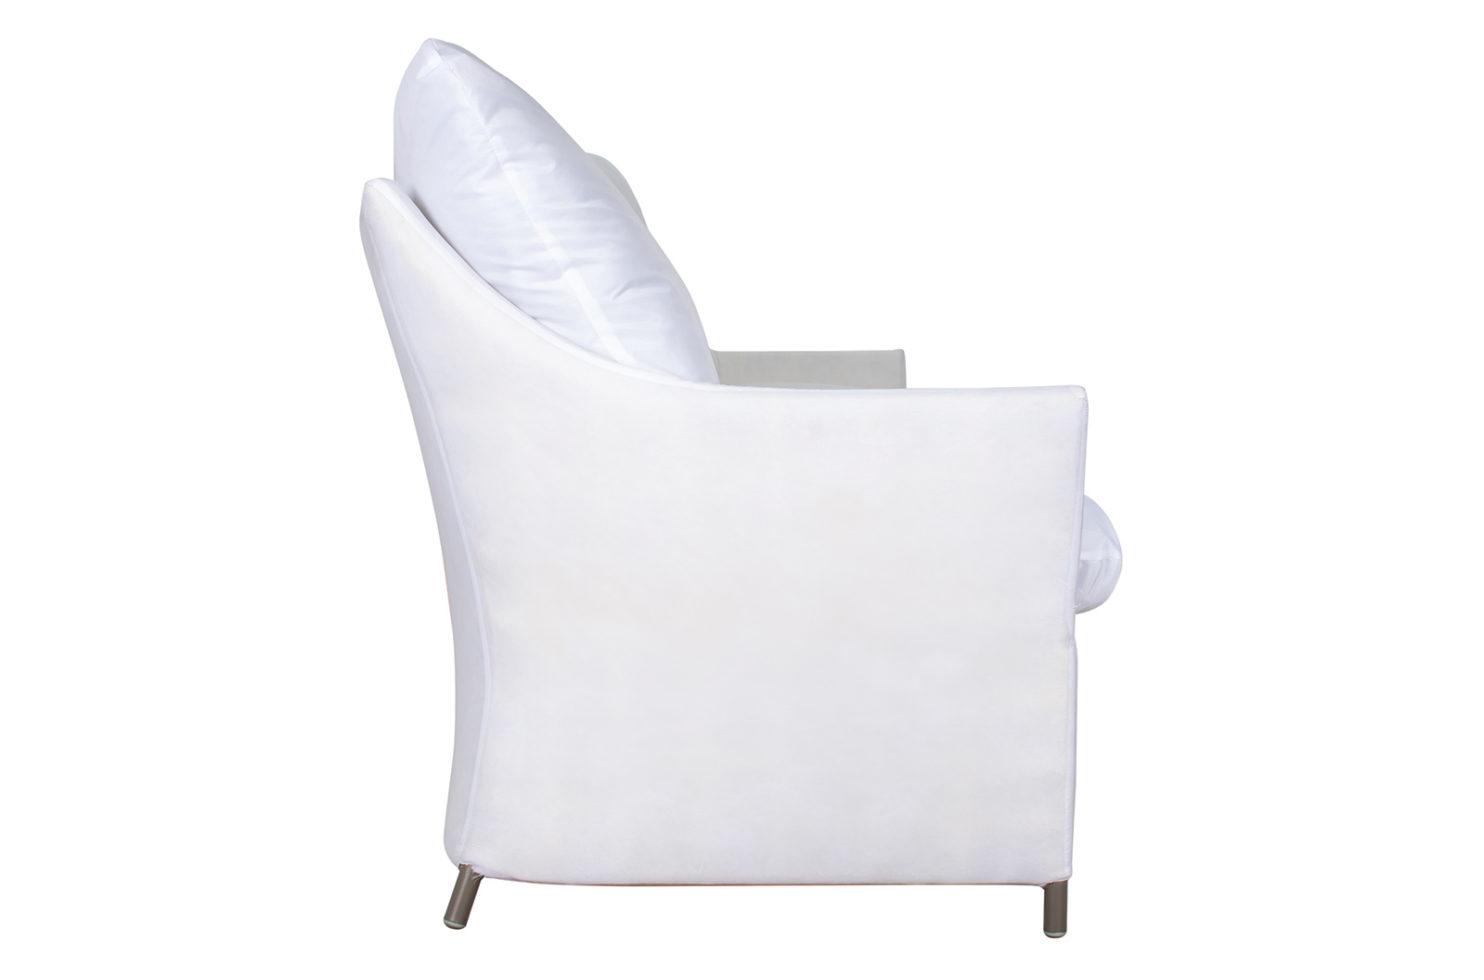 capri sofa frame 620FT094P2 1 side